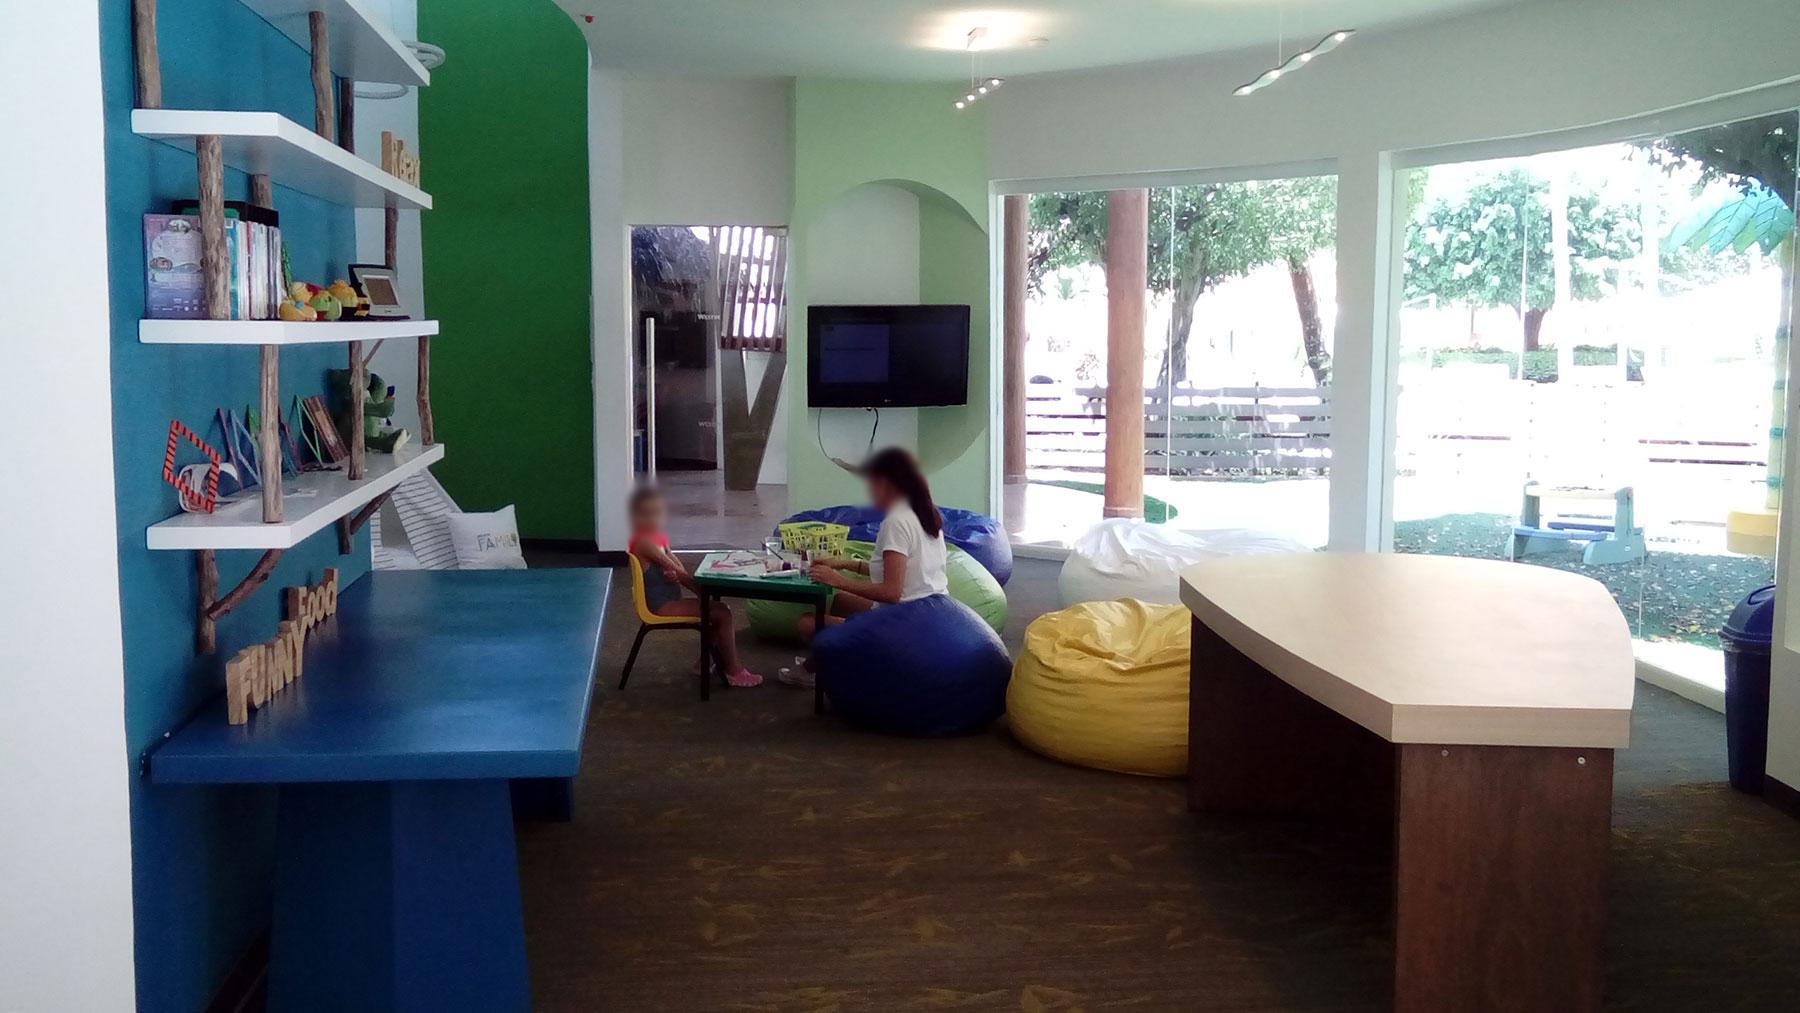 Proyectos SPAD Constructora, Westin Family Kids Club, Interior niños jugando, Diseño de Interiores, Arquitectura, Puerto Vallarta, Jalisco, México